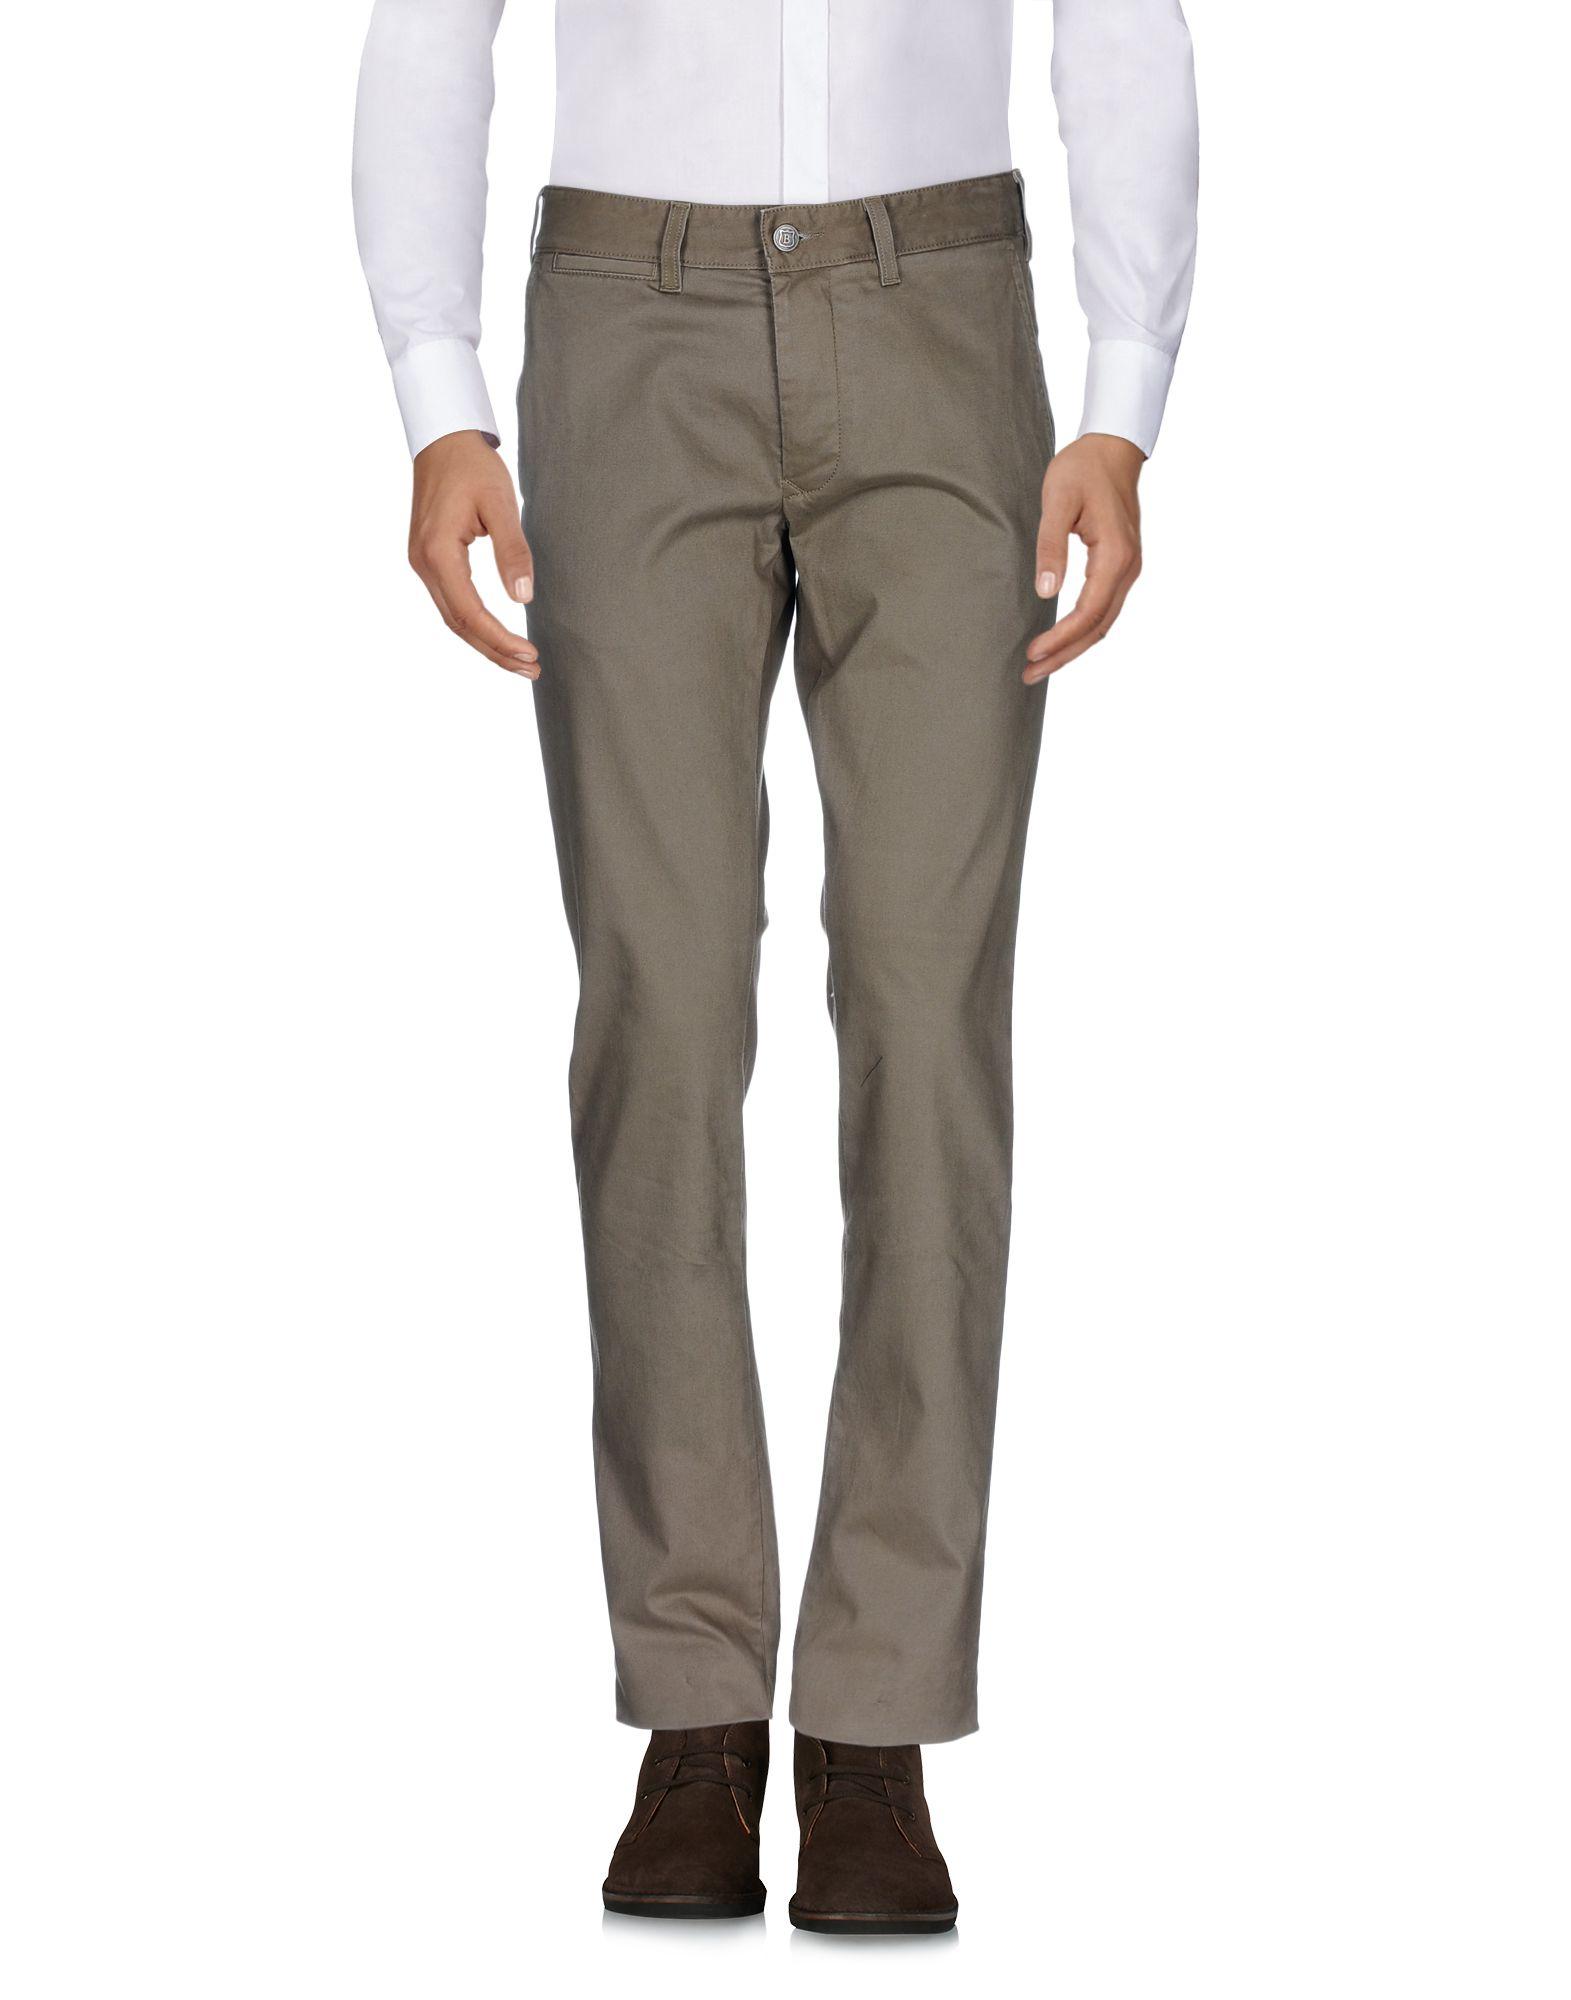 BREUER Повседневные брюки брюки для беременных topshop 4 22